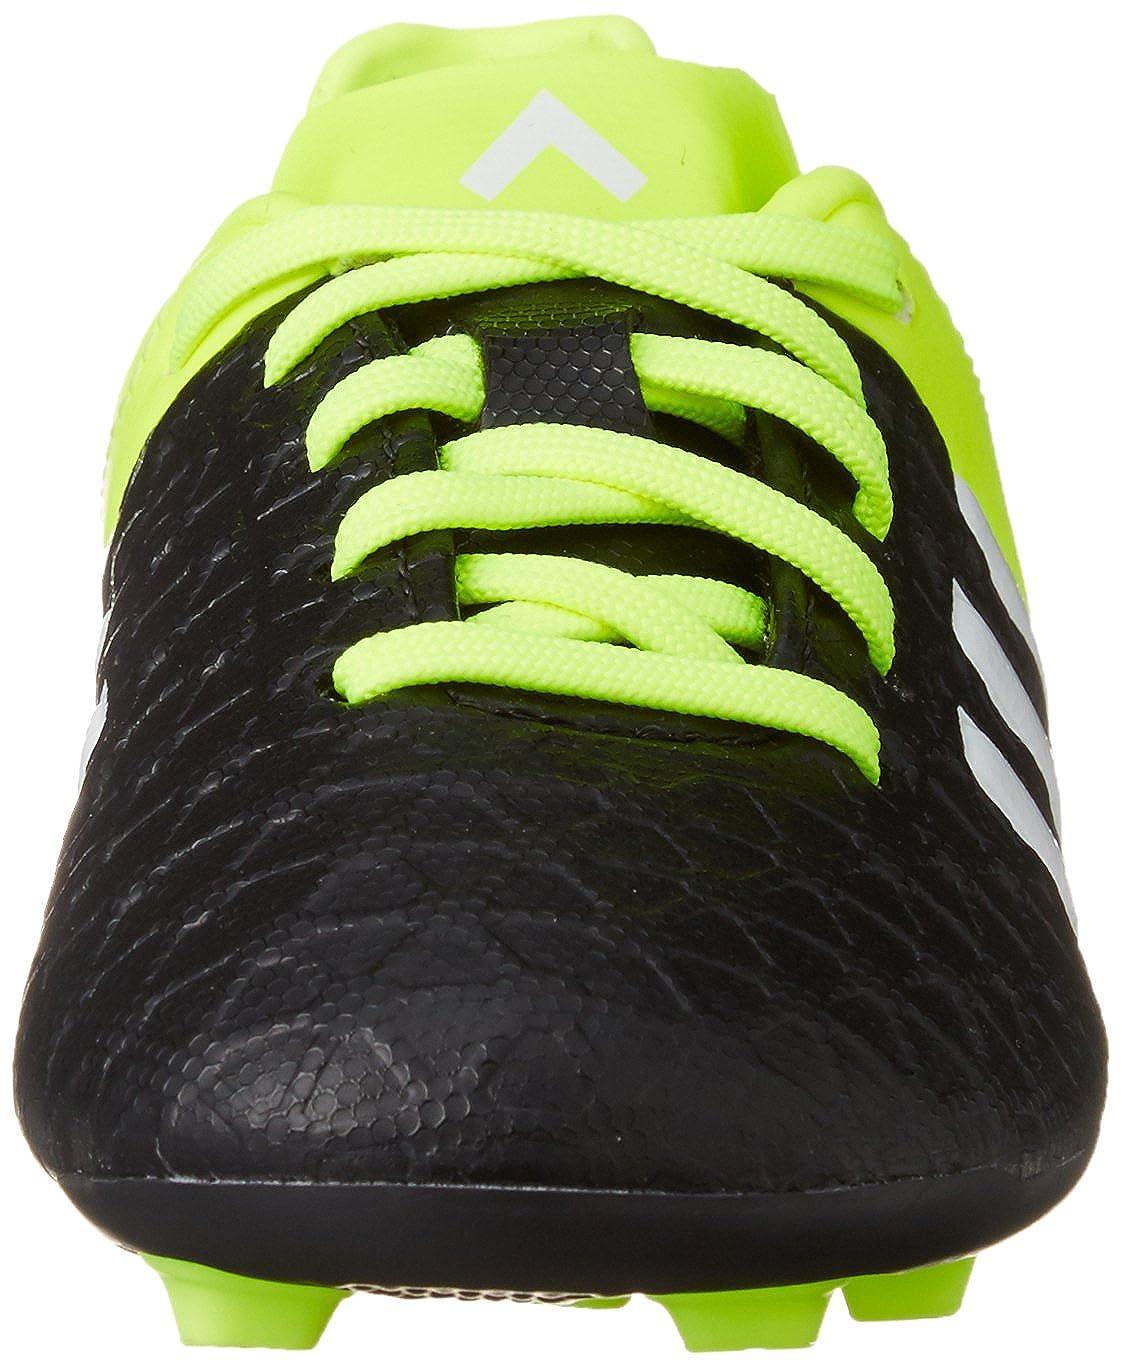 Calcio 4 Da Calza Adidas Fxg Ace15 Unisex Scarpe Bambini Cucina B32864 qVpLzGSUM